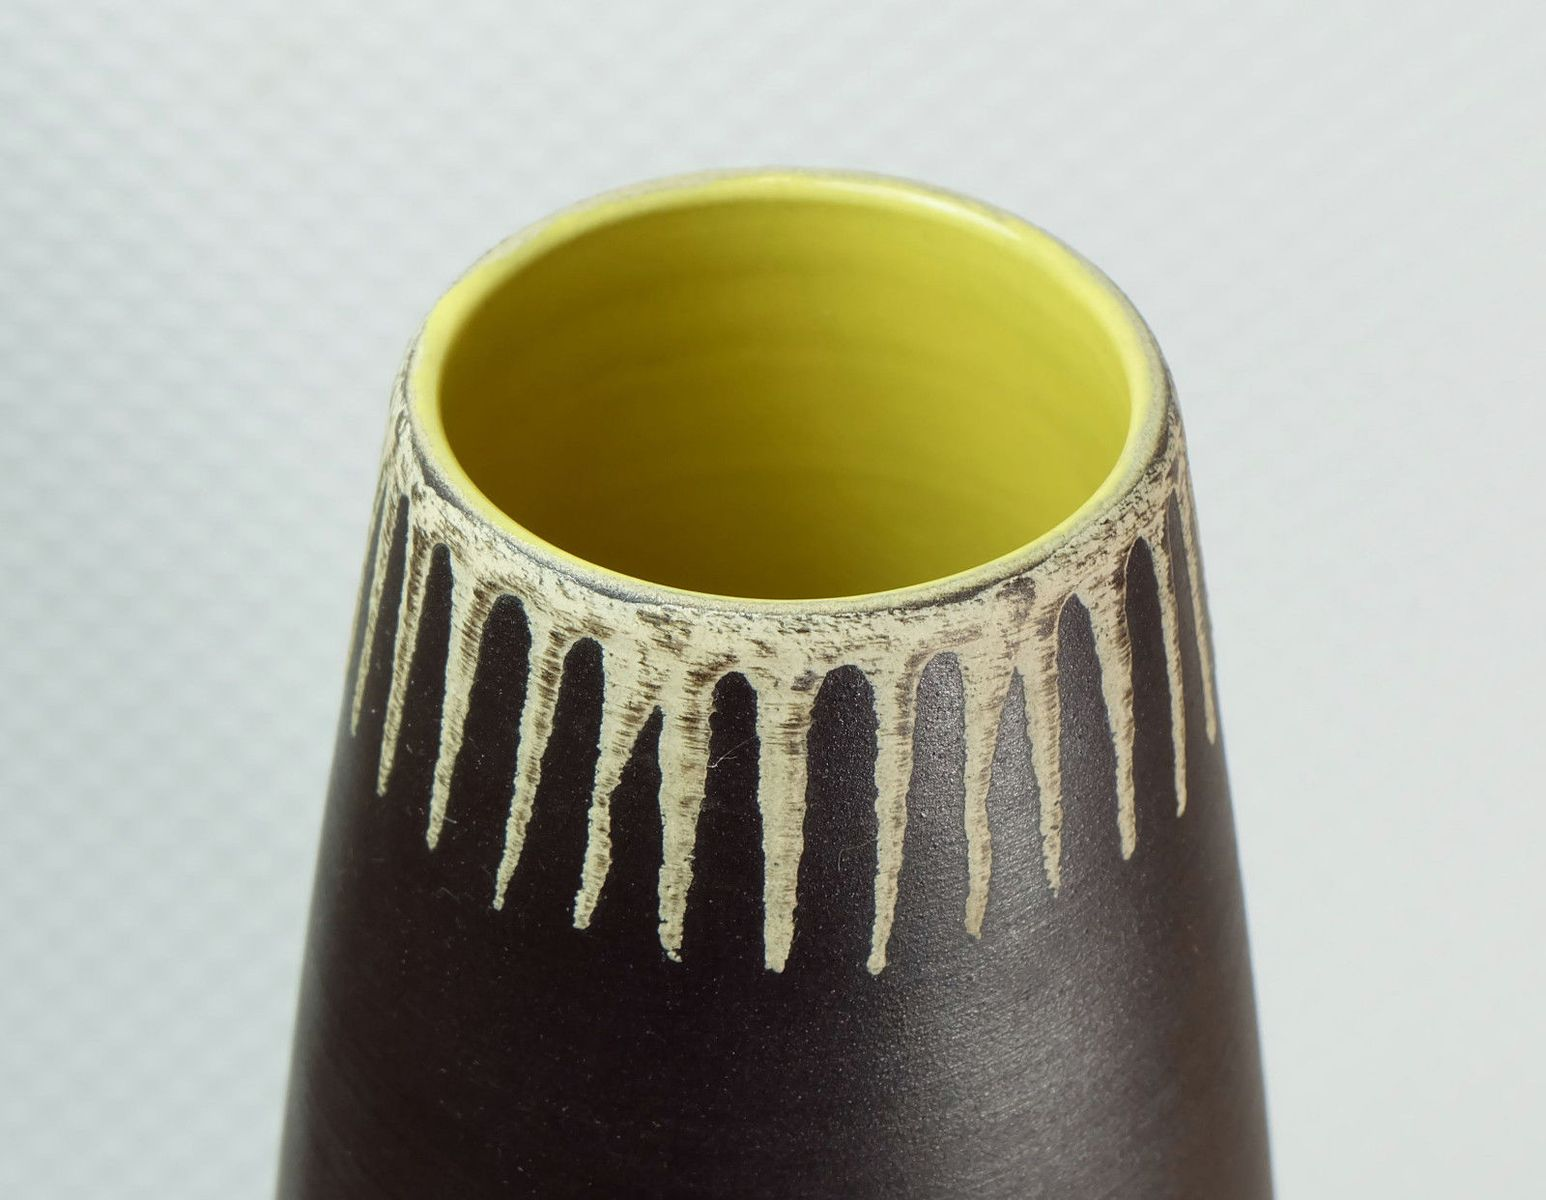 Mid century modern vase from dmler breiden for sale at pamono mid century modern vase from dmler breiden reviewsmspy